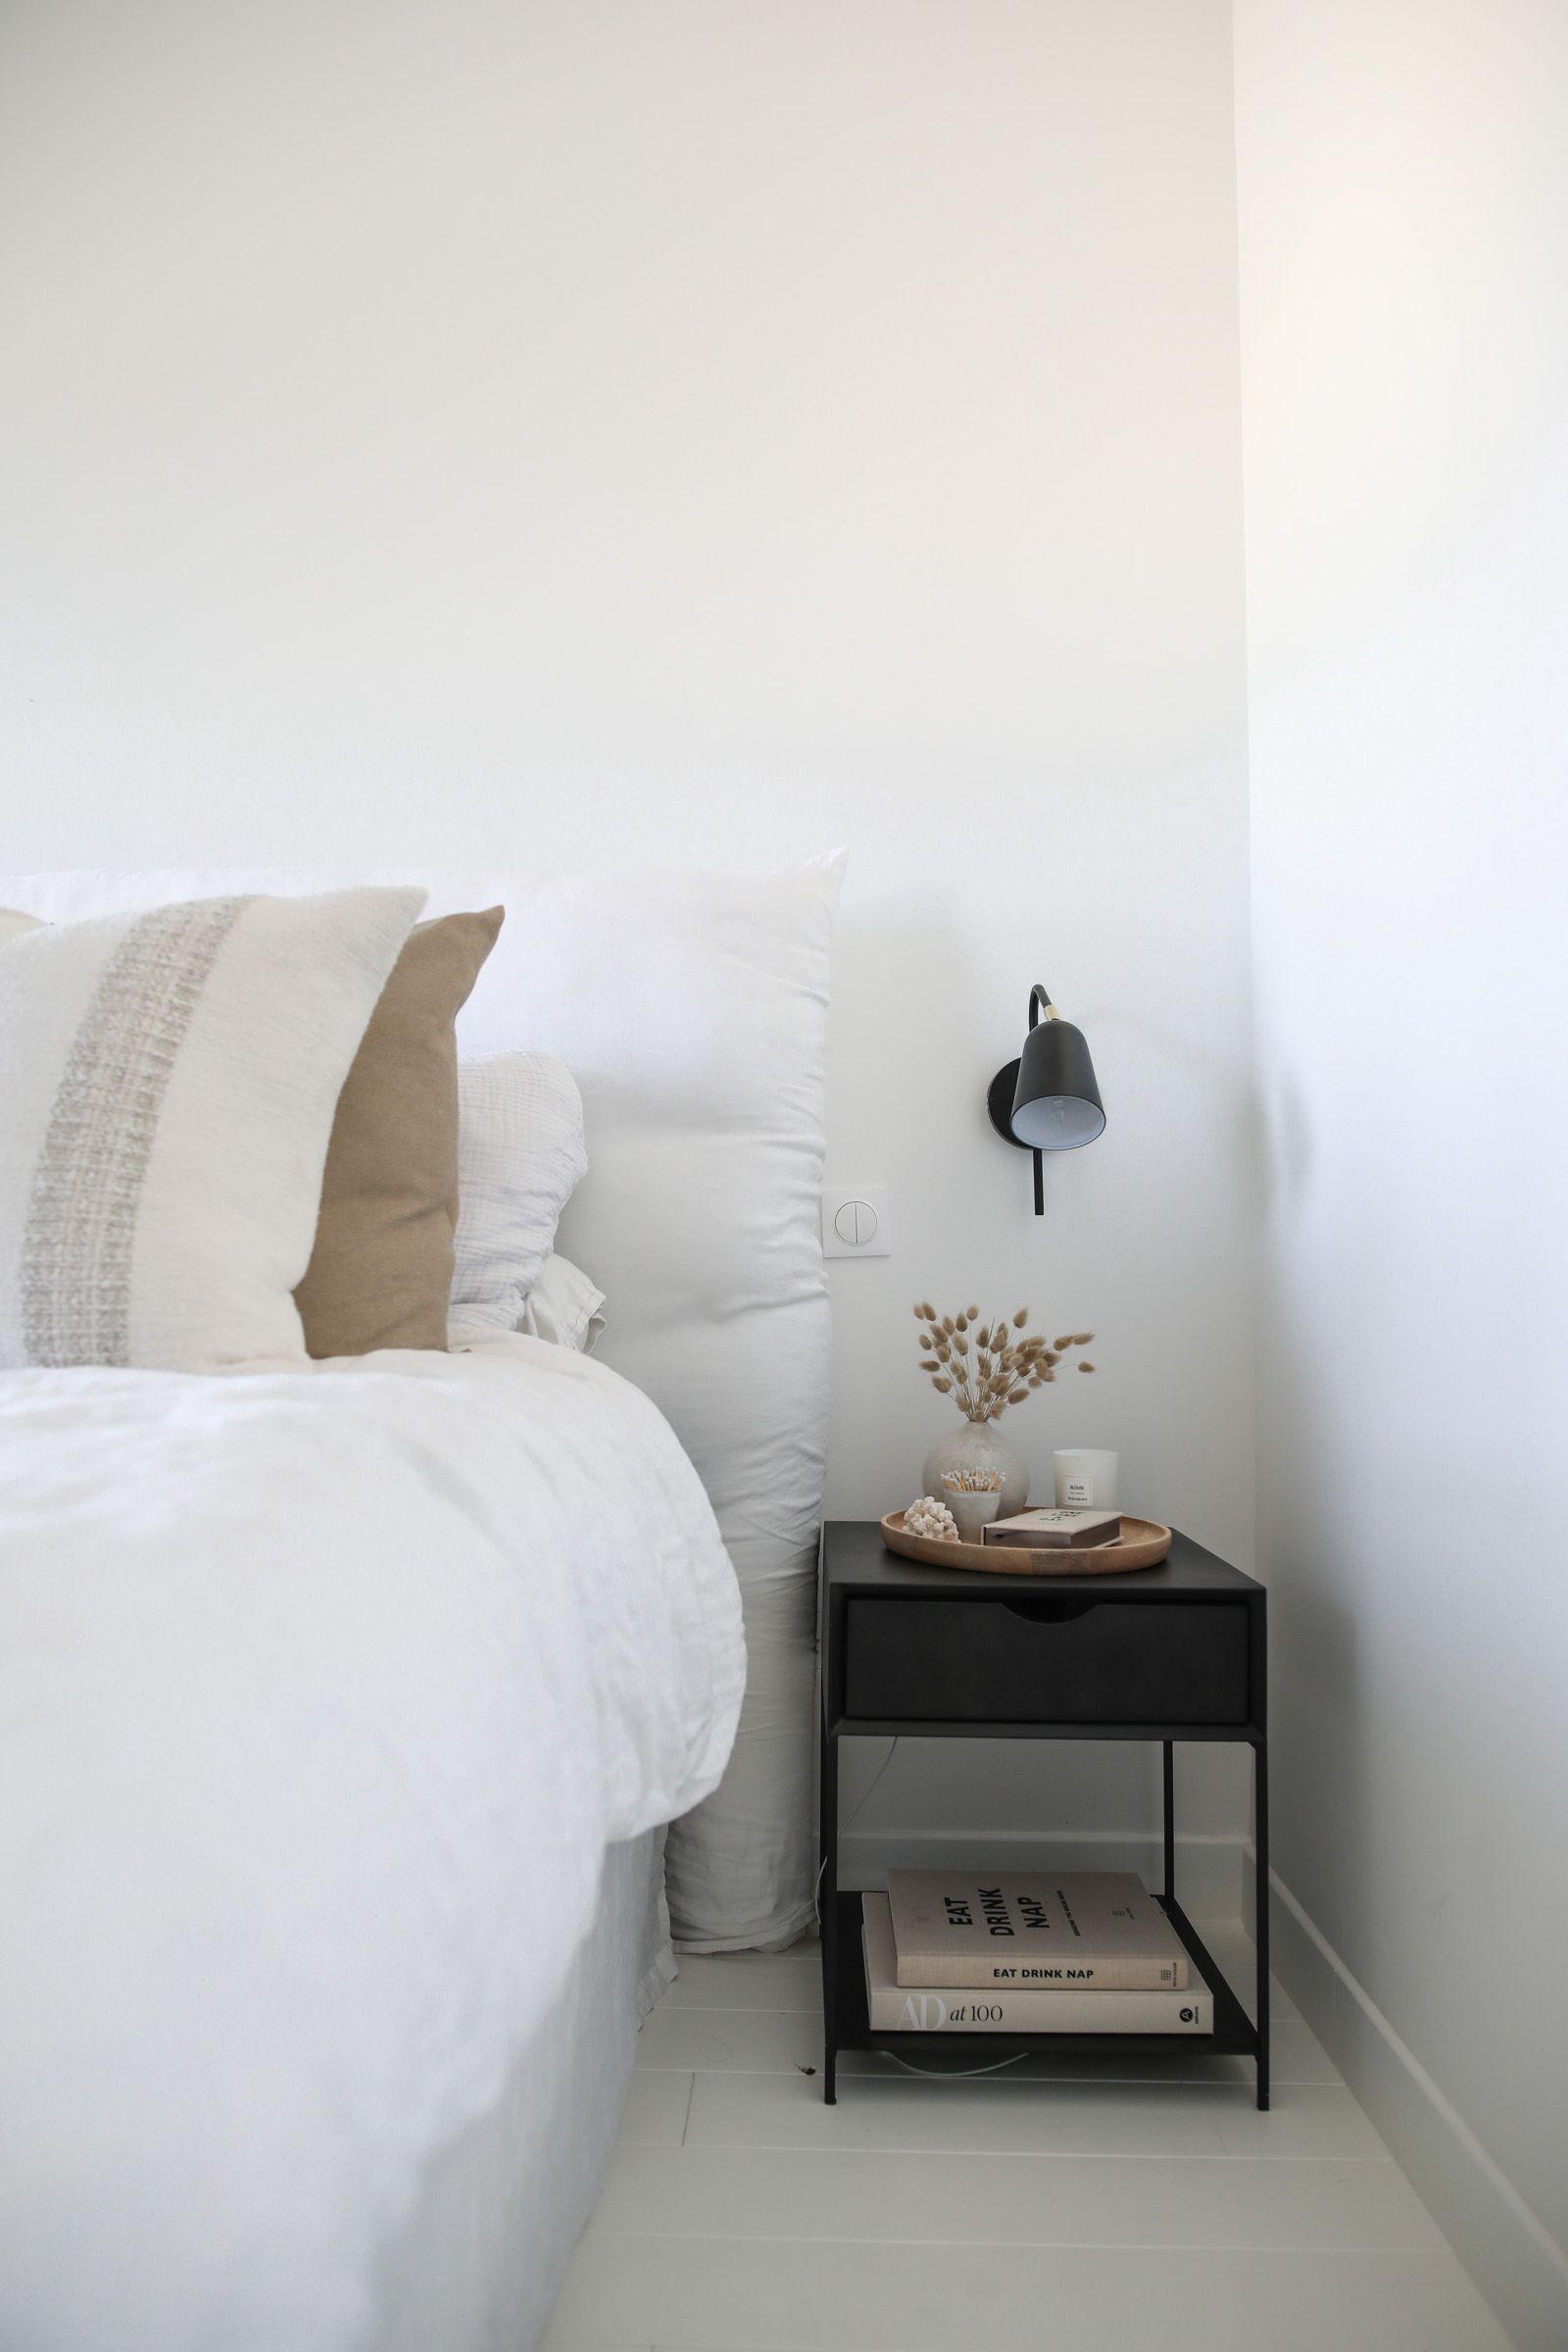 Bedroom Inspiration En 2020 Idee Deco Appartement Deco Appartement Decoration Maison